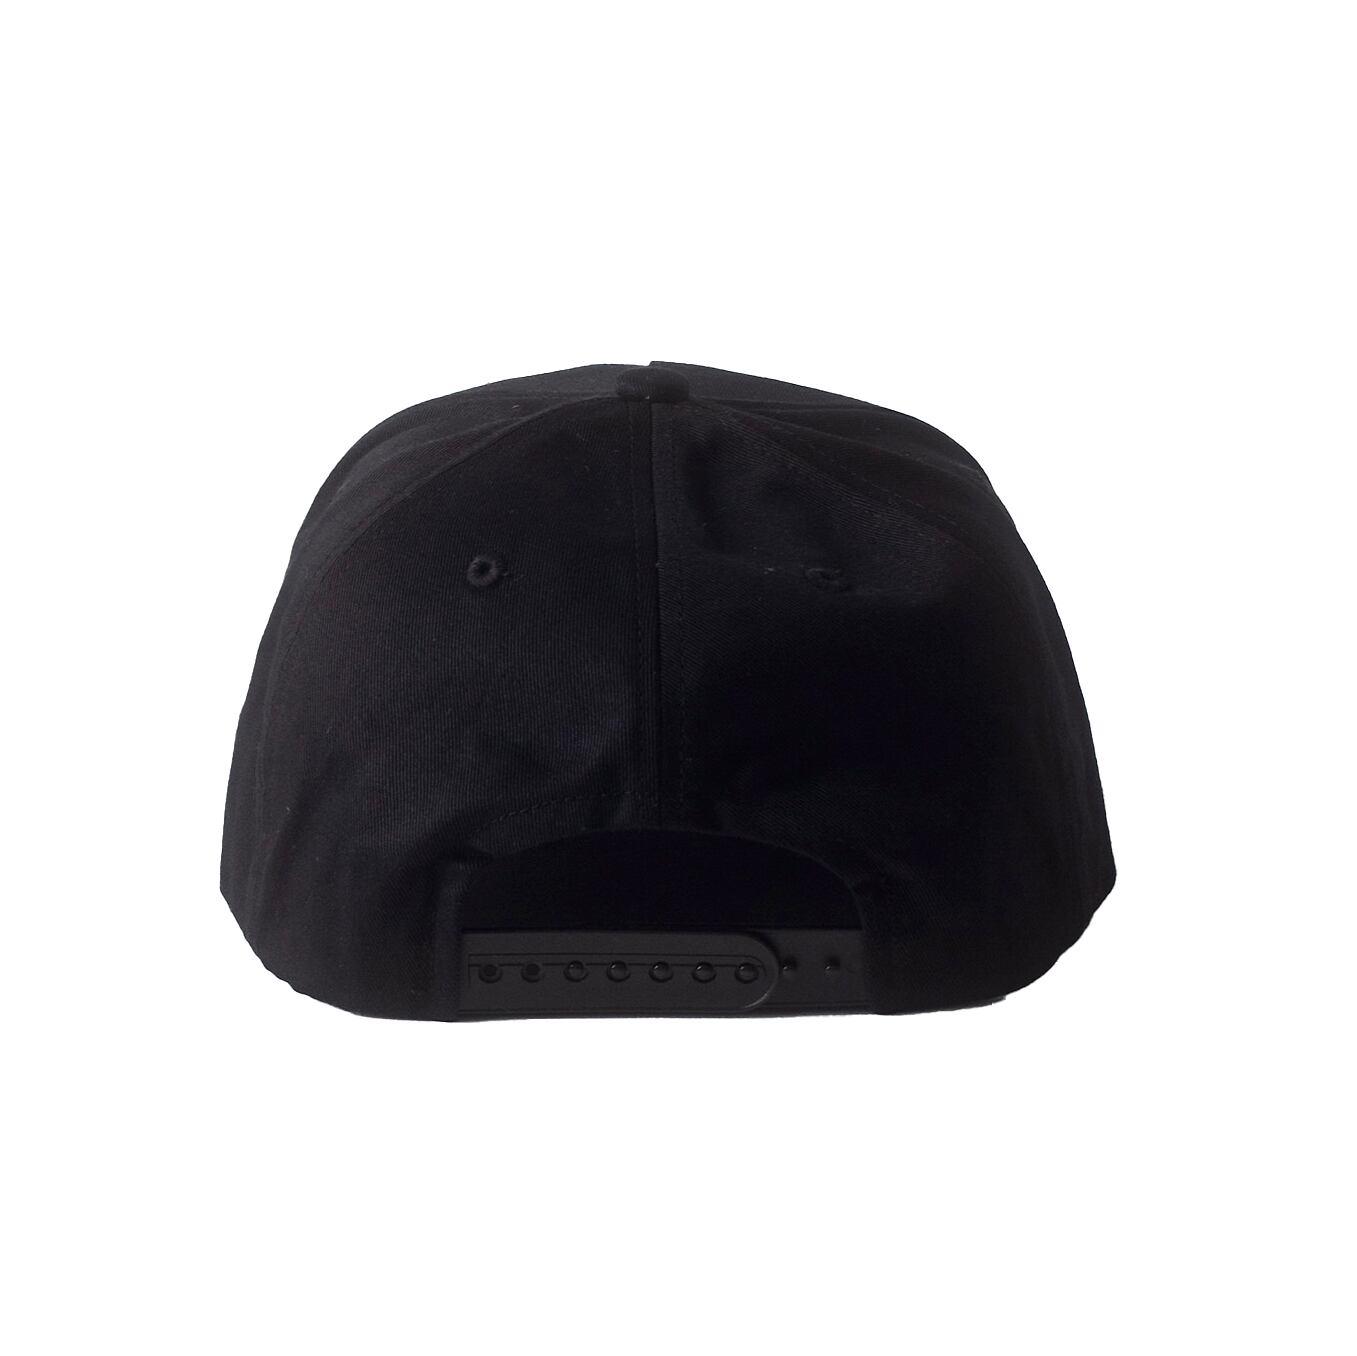 NEW COMMUNE 5 PANEL CAP / BLACK - 画像3